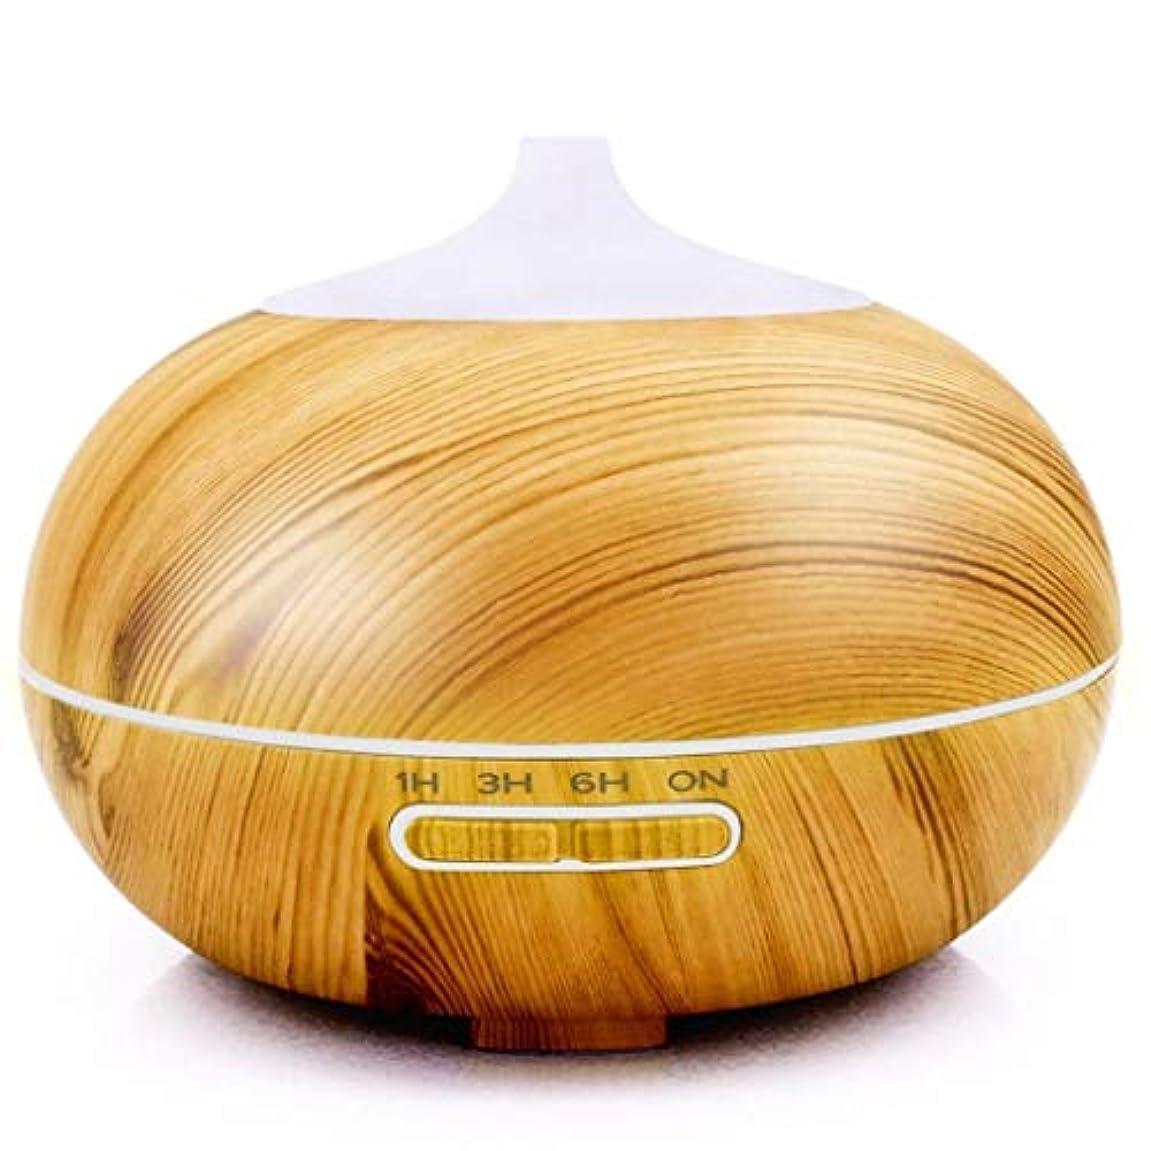 閲覧するリンケージ速記300ミリリットルエッセンシャルオイルディフューザーアロマディフューザー木材穀物アロマディフューザーで7色ledライトウォーターレス自動シャットオフ用ホームオフィスヨガ (Color : Light Wood Grain)